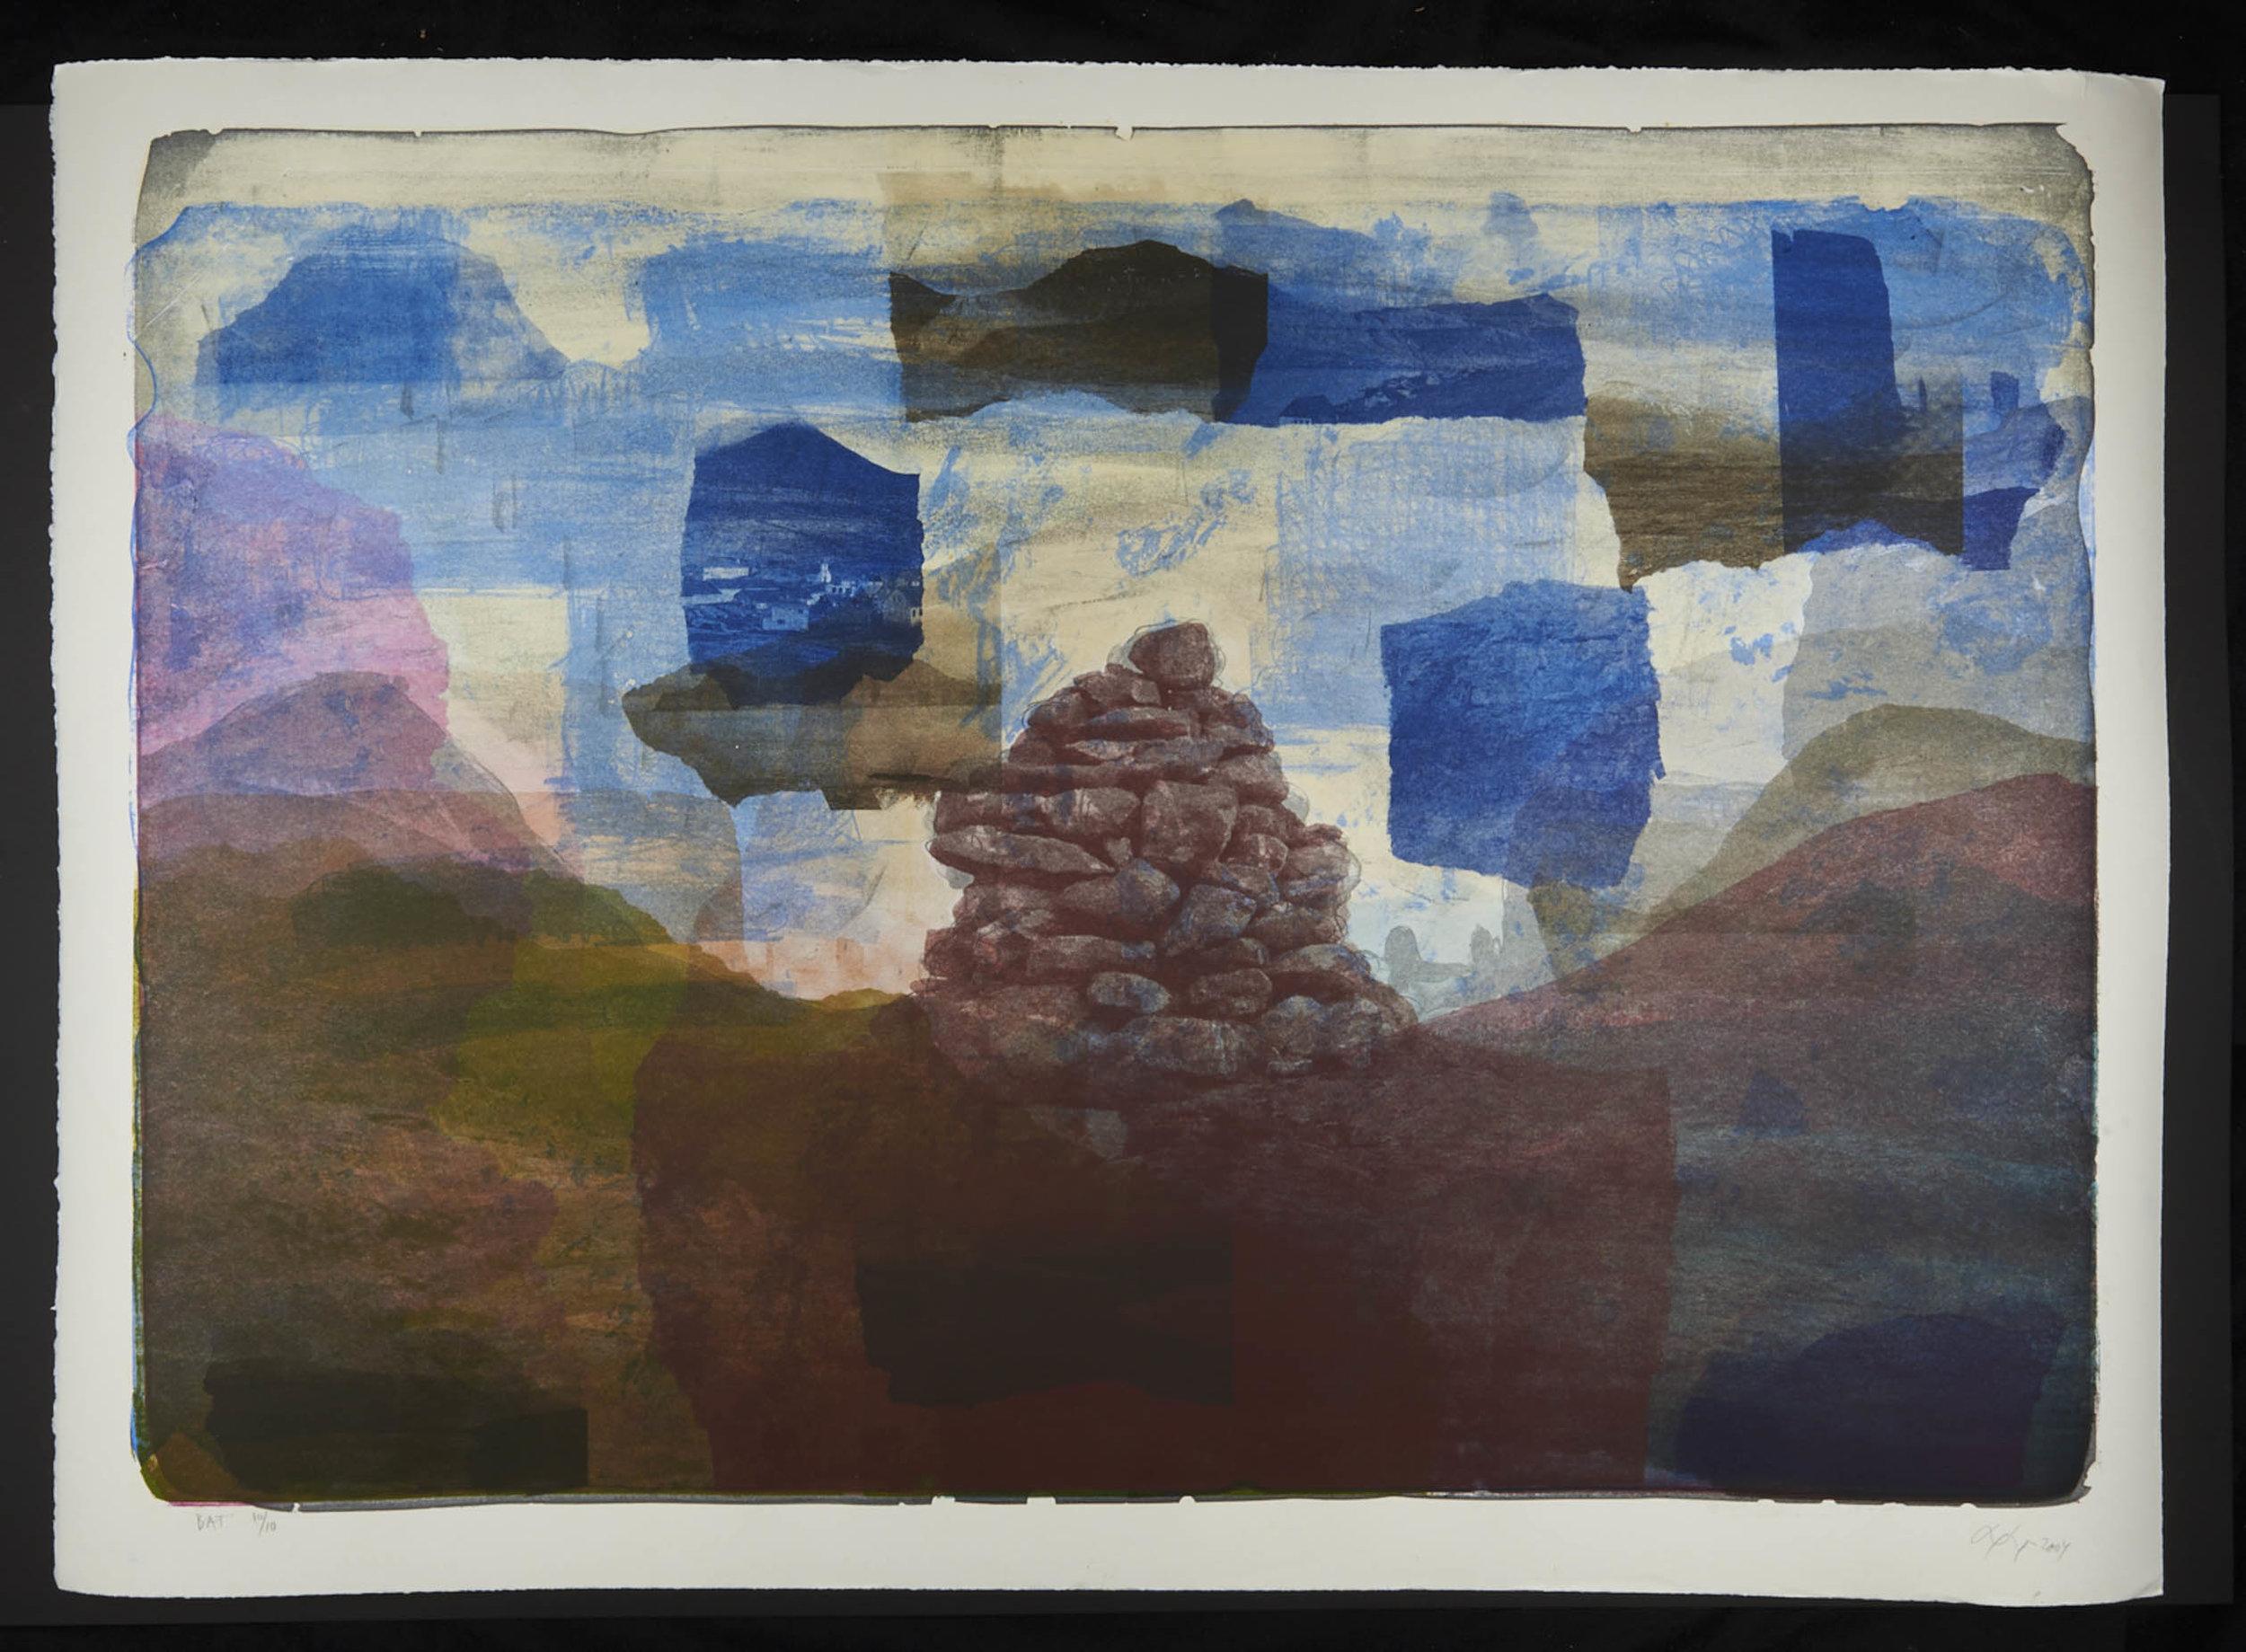 031-Bjørn Nørgaard 10 80,5 x 112.jpg